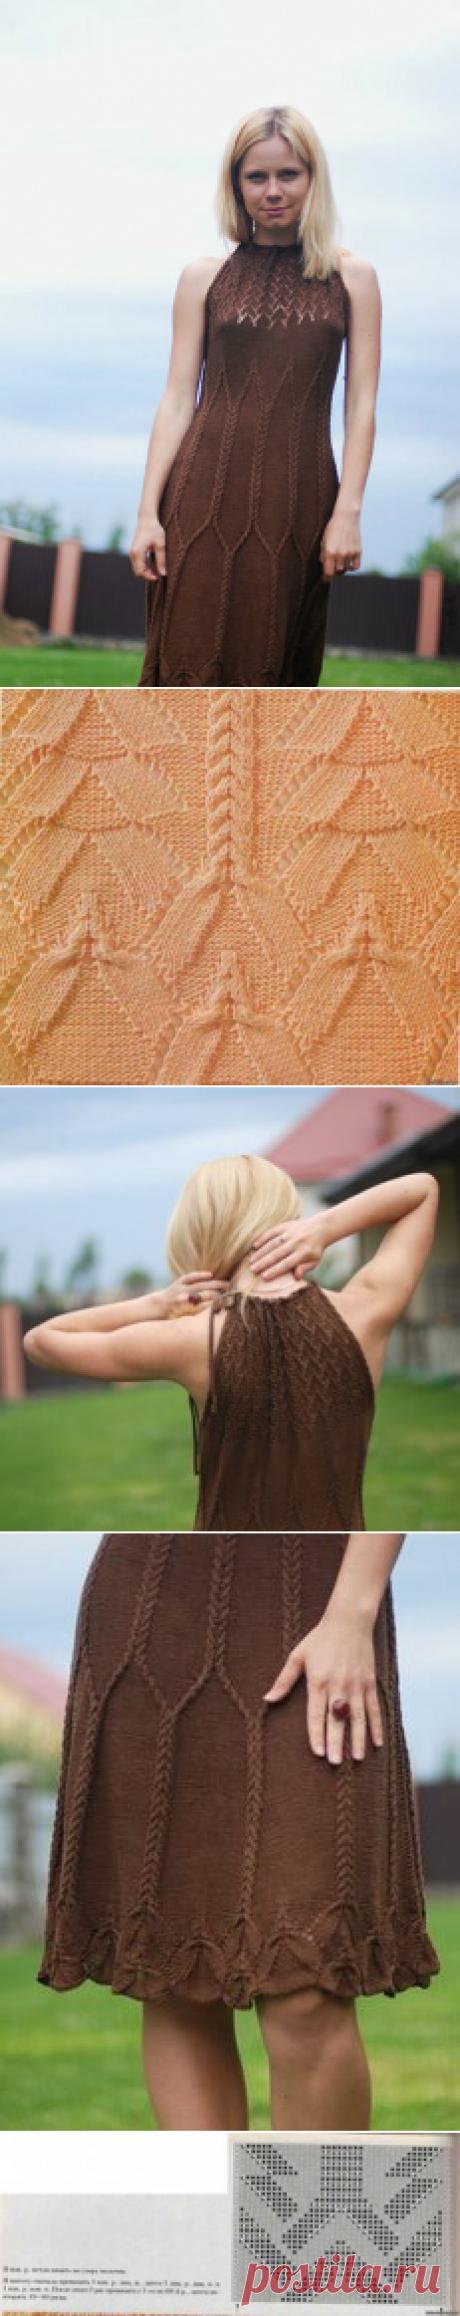 """Платье спицами с косами """"Шоколад"""" из шелка и не то"""